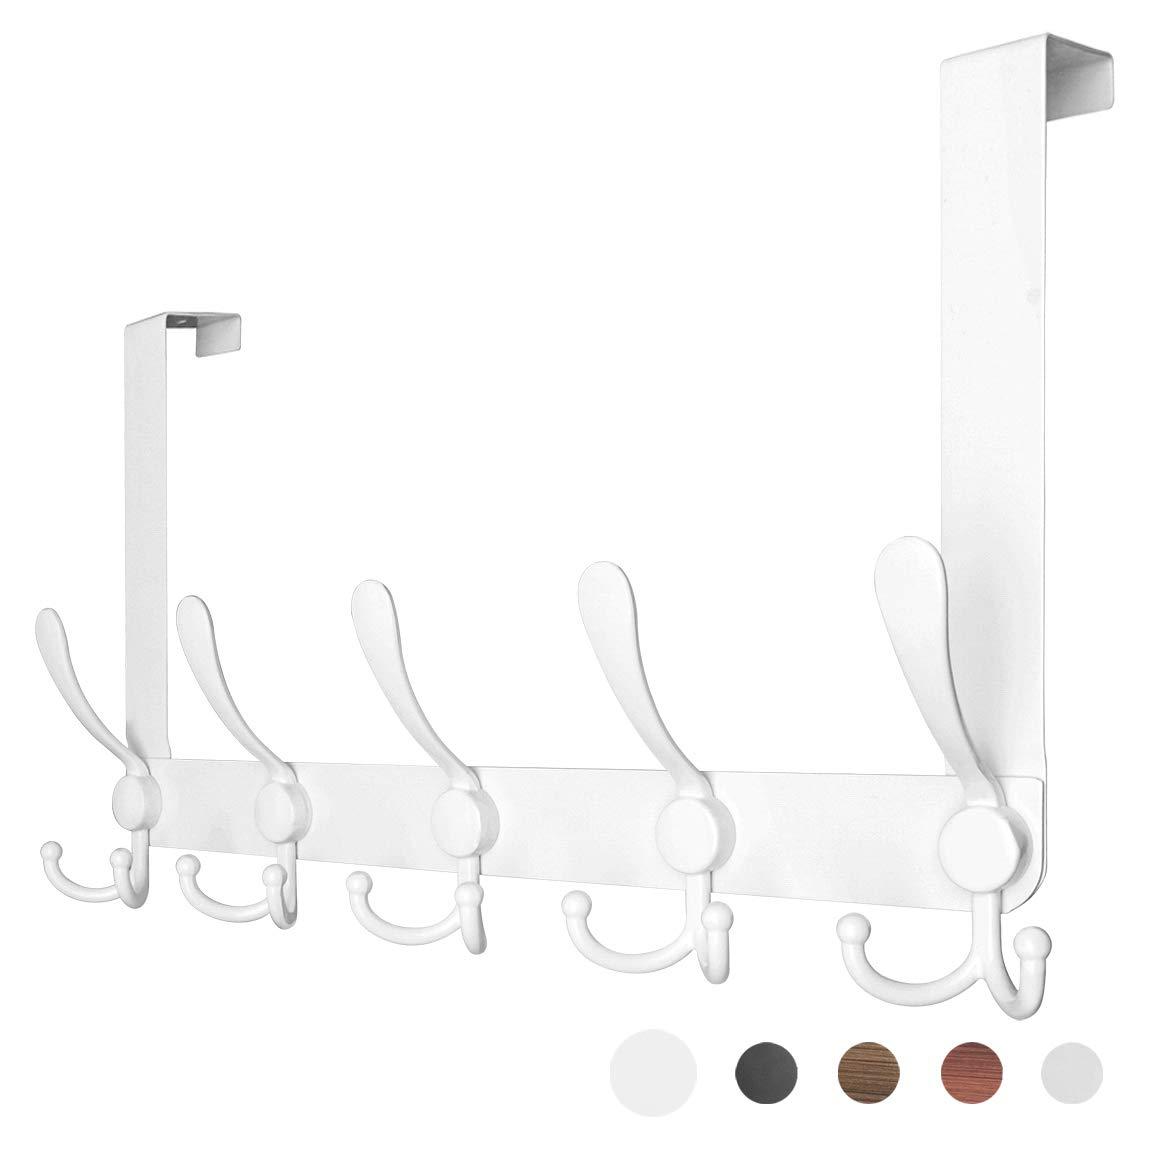 SZAT PRO Over The Door Coat Hanger Hook Rack White for Clothes Hanging Bathroom Towels Robe Office